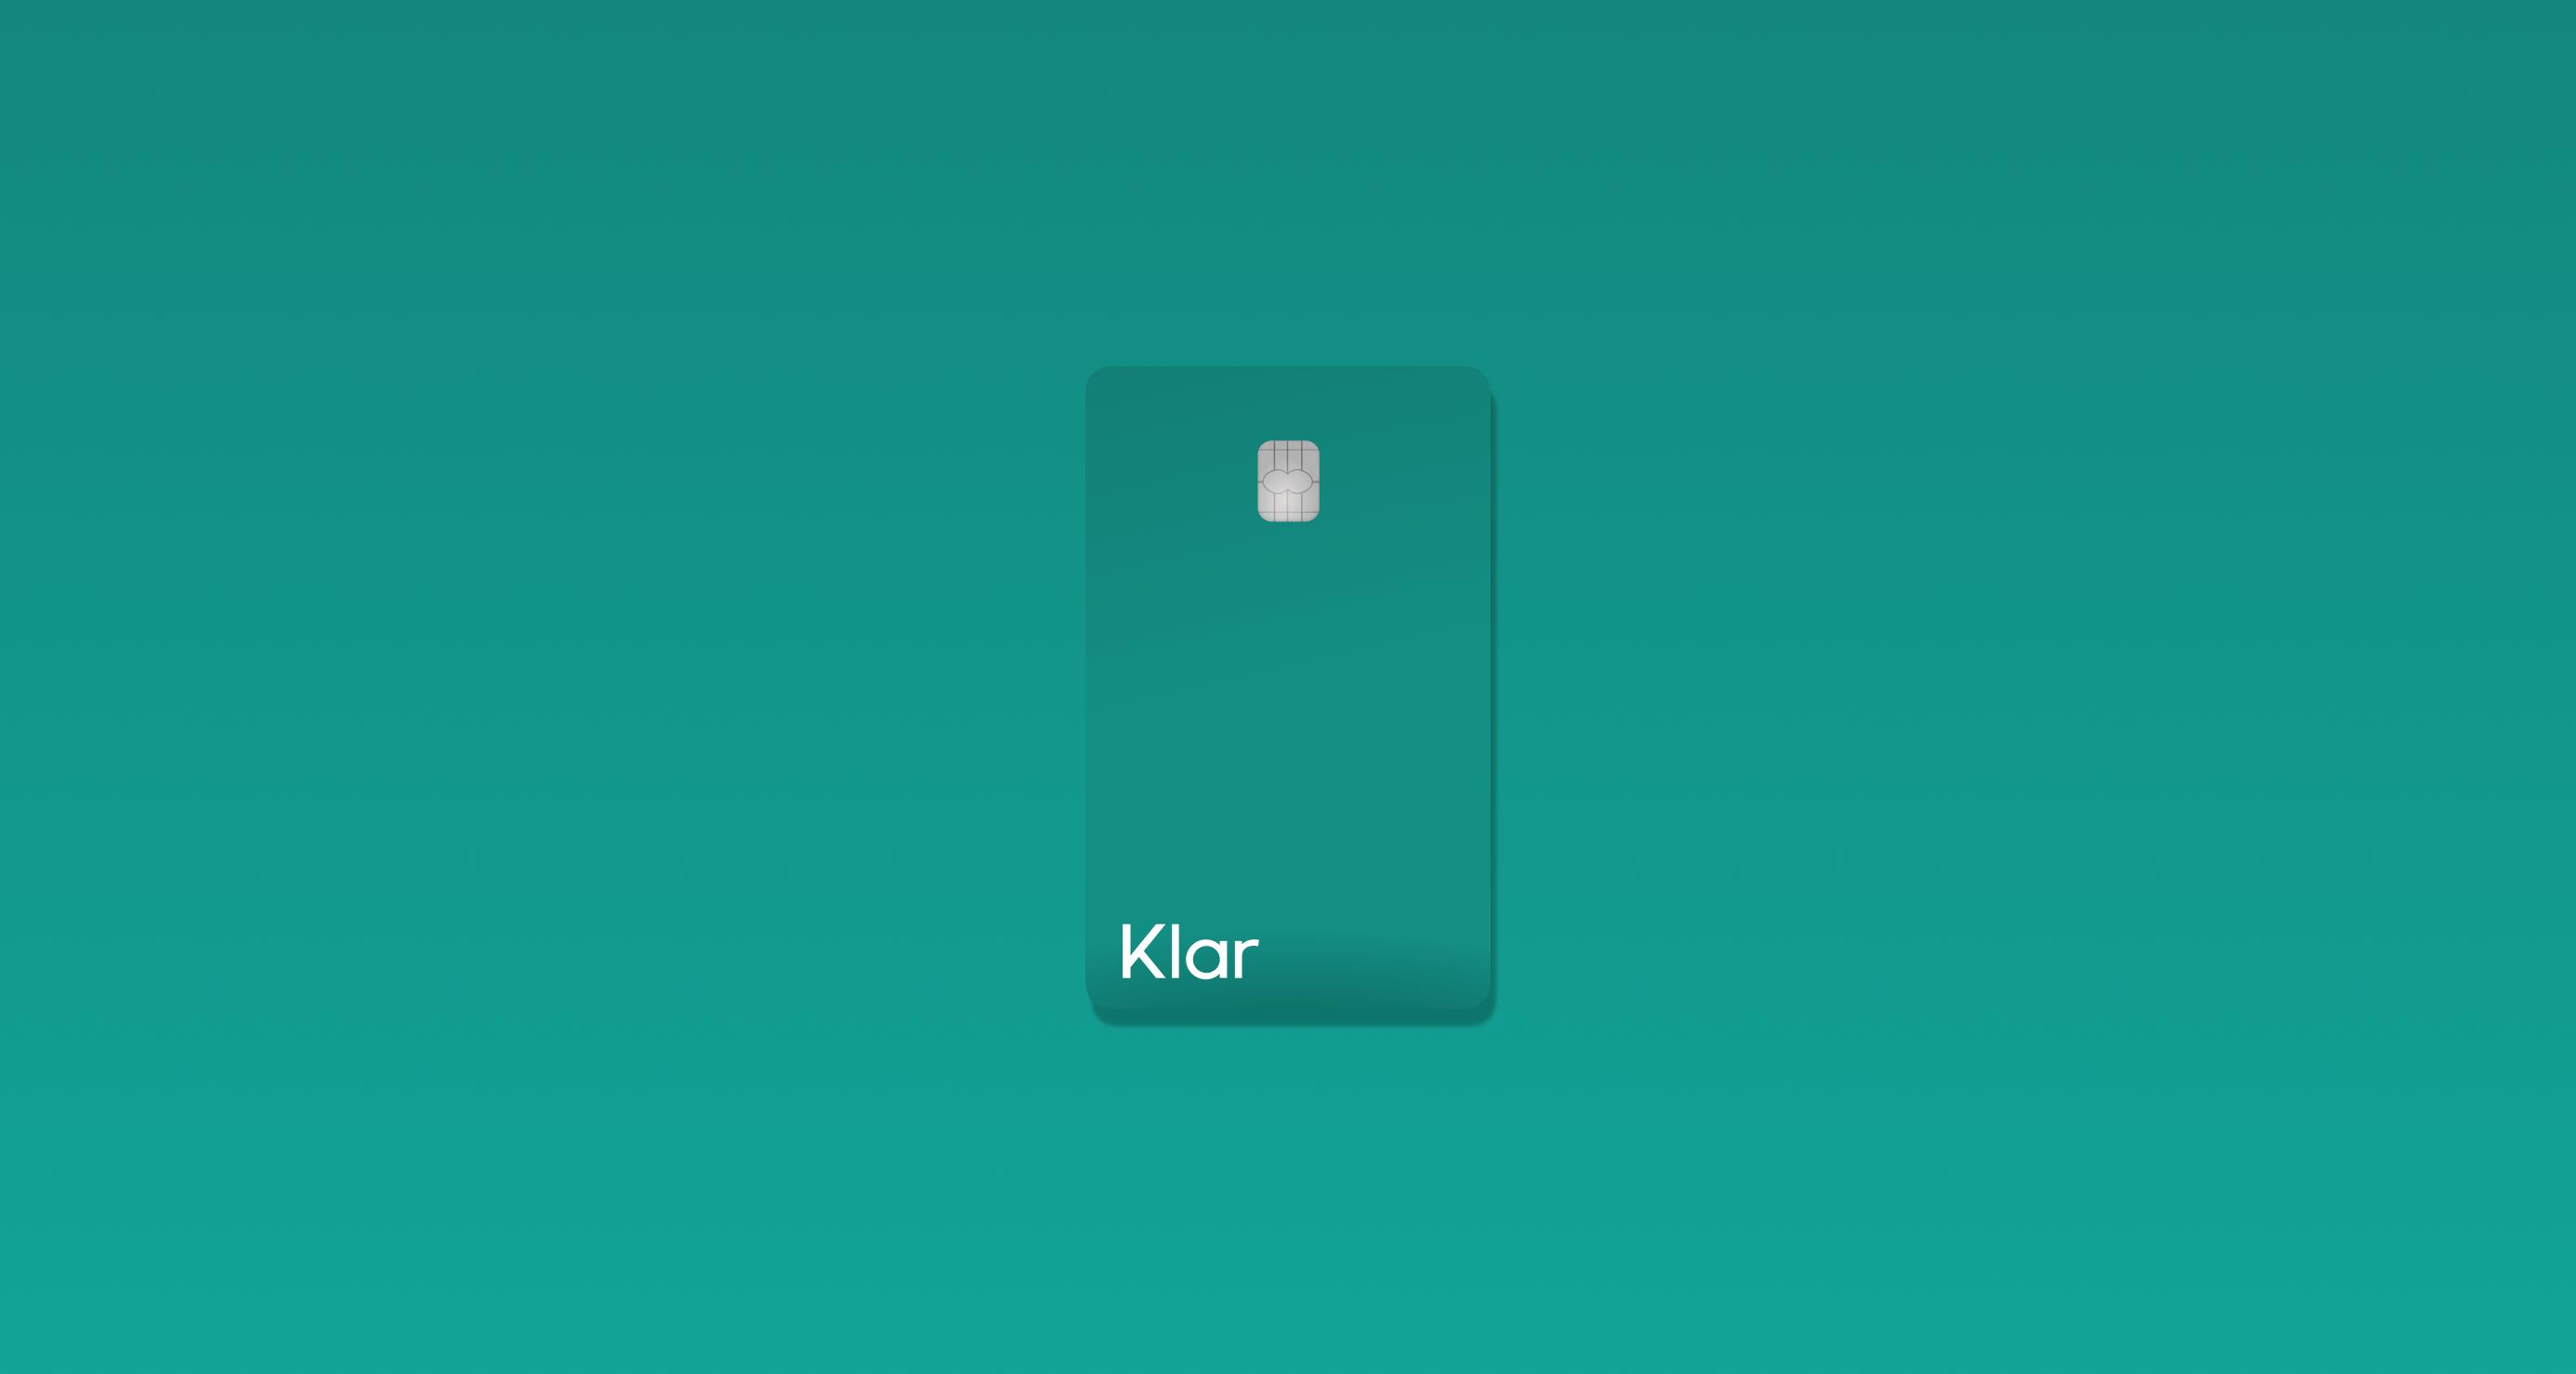 En tu cuenta Klar, tu dinero está protegido y puedes rastrear todos tus movimientos desde la aplicación.